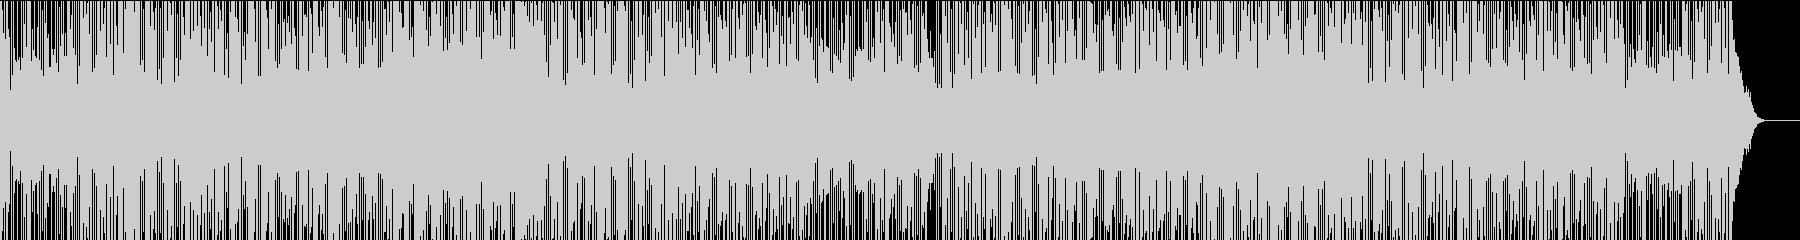 アシッドジャズ風の落ち着いたBGMの未再生の波形